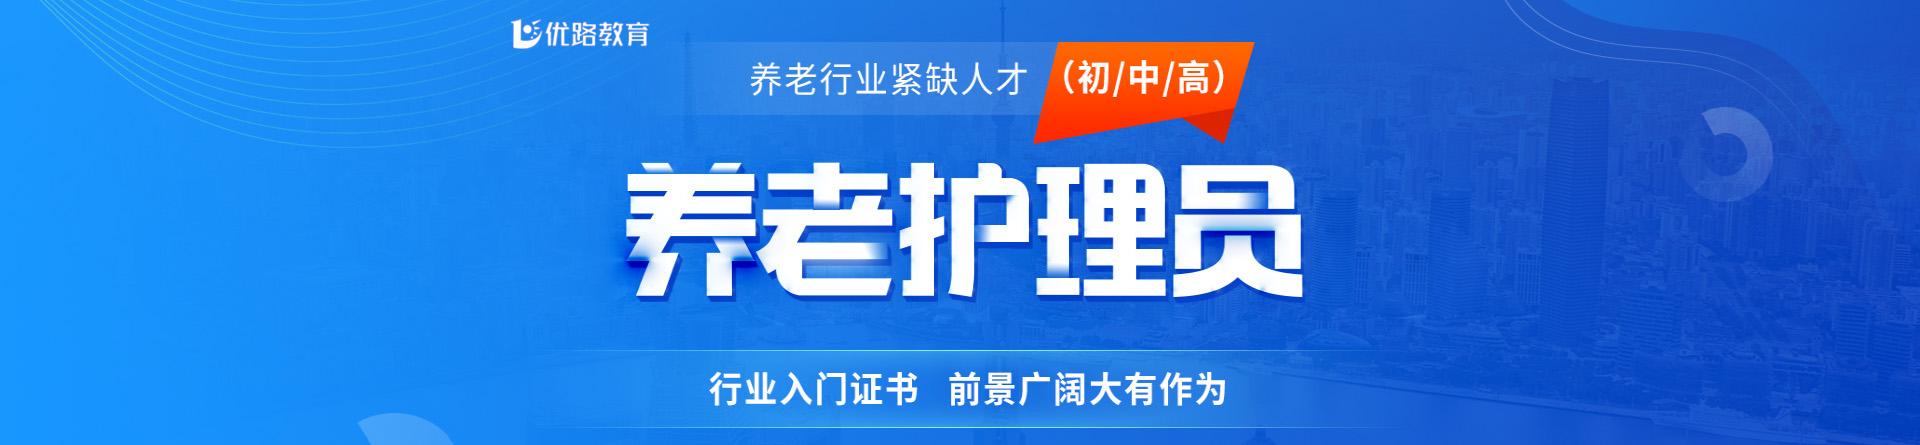 贵州遵义优路教育培训学校